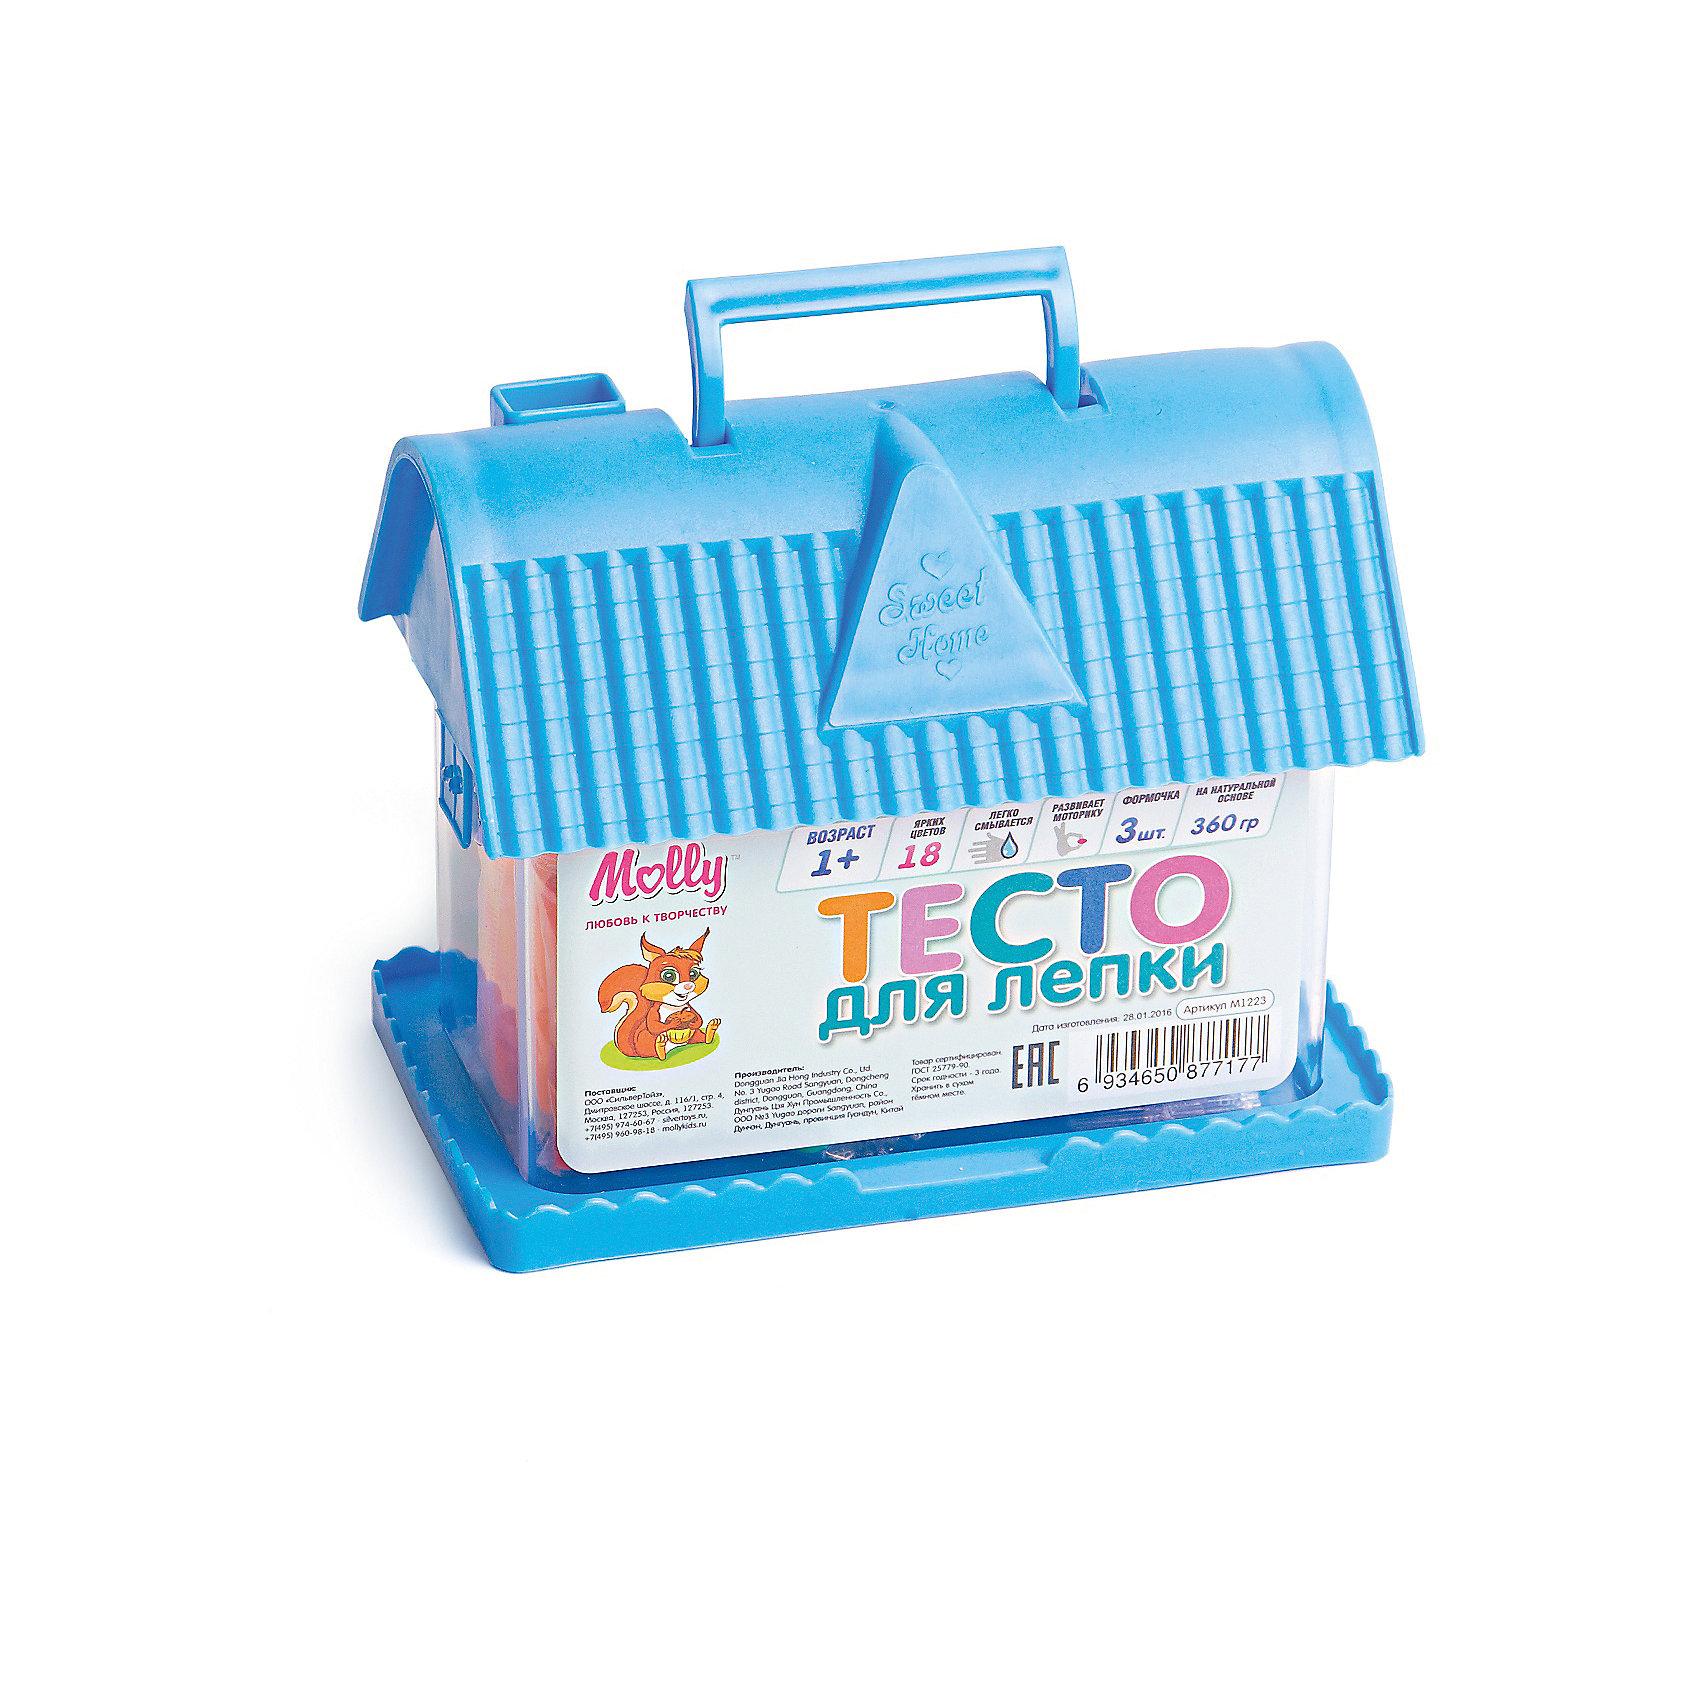 Тесто для лепки Домик 18 цветов + 3 формочкиЛепка<br>Тесто для лепки Домик, 18 цветов + 3 формочки.<br><br>Характеристика: <br><br>• Материал: пшеничная мука крахмал, вода, соль, пищевая добавка, пищевая краситель; пластик. <br>• Размер упаковки: 14х11х8 см. <br>• Комплектация: тесто для лепки 18 цветов + 3 формочки.<br>• Яркие, насыщенные цвета. <br>• 18 цветов (по 20 гр.)<br>• Легко смывается с одежды и рук. <br>• Безопасно при проглатывании. <br>• Отлично развивает моторику рук, внимание, мышление и воображение. <br>• Удобная упаковка в виде пластикового домика с ручкой для переноски.<br><br>Мягкое тесто для лепки - отличный подарок для малыша. Тесто изготовлено из натуральных материалов, с использованием абсолютно безопасных для детей красителей, легко смывается с одежды и рук. Лепка - прекрасный вид детского досуга, помогающий развить мелкую моторику, цветовосприятие, воображение и мышление.<br><br>Тесто для лепки Домик, 18 цветов + 3 формочки, можно купить в нашем интернет-магазине.<br><br>Ширина мм: 140<br>Глубина мм: 80<br>Высота мм: 110<br>Вес г: 360<br>Возраст от месяцев: 12<br>Возраст до месяцев: 36<br>Пол: Унисекс<br>Возраст: Детский<br>SKU: 5417575